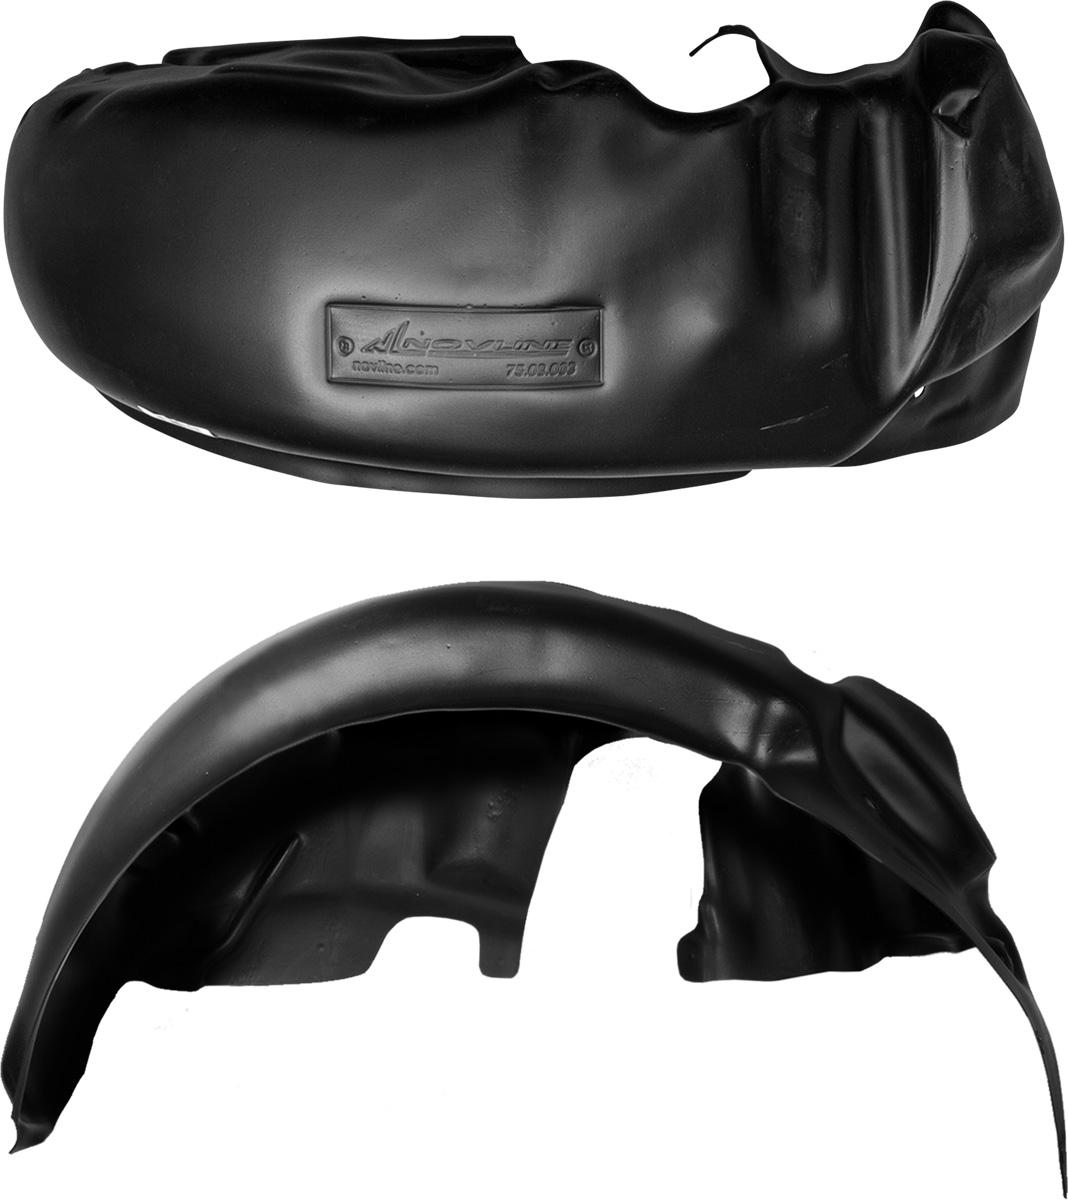 Подкрылок Novline-Autofamily, для Mitsubishi Lancer X, 03/2007->, седан, хэтчбек, задний правыйNLL.35.13.004Колесные ниши - одни из самых уязвимых зон днища вашего автомобиля. Они постоянно подвергаются воздействию со стороны дороги. Лучшая, почти абсолютная защита для них - специально отформованные пластиковые кожухи, которые называются подкрылками. Производятся они как для отечественных моделей автомобилей, так и для иномарок. Подкрылки Novline-Autofamily выполнены из высококачественного, экологически чистого пластика. Обеспечивают надежную защиту кузова автомобиля от пескоструйного эффекта и негативного влияния, агрессивных антигололедных реагентов. Пластик обладает более низкой теплопроводностью, чем металл, поэтому в зимний период эксплуатации использование пластиковых подкрылков позволяет лучше защитить колесные ниши от налипания снега и образования наледи. Оригинальность конструкции подчеркивает элегантность автомобиля, бережно защищает нанесенное на днище кузова антикоррозийное покрытие и позволяет осуществить крепление подкрылков внутри колесной арки практически без...